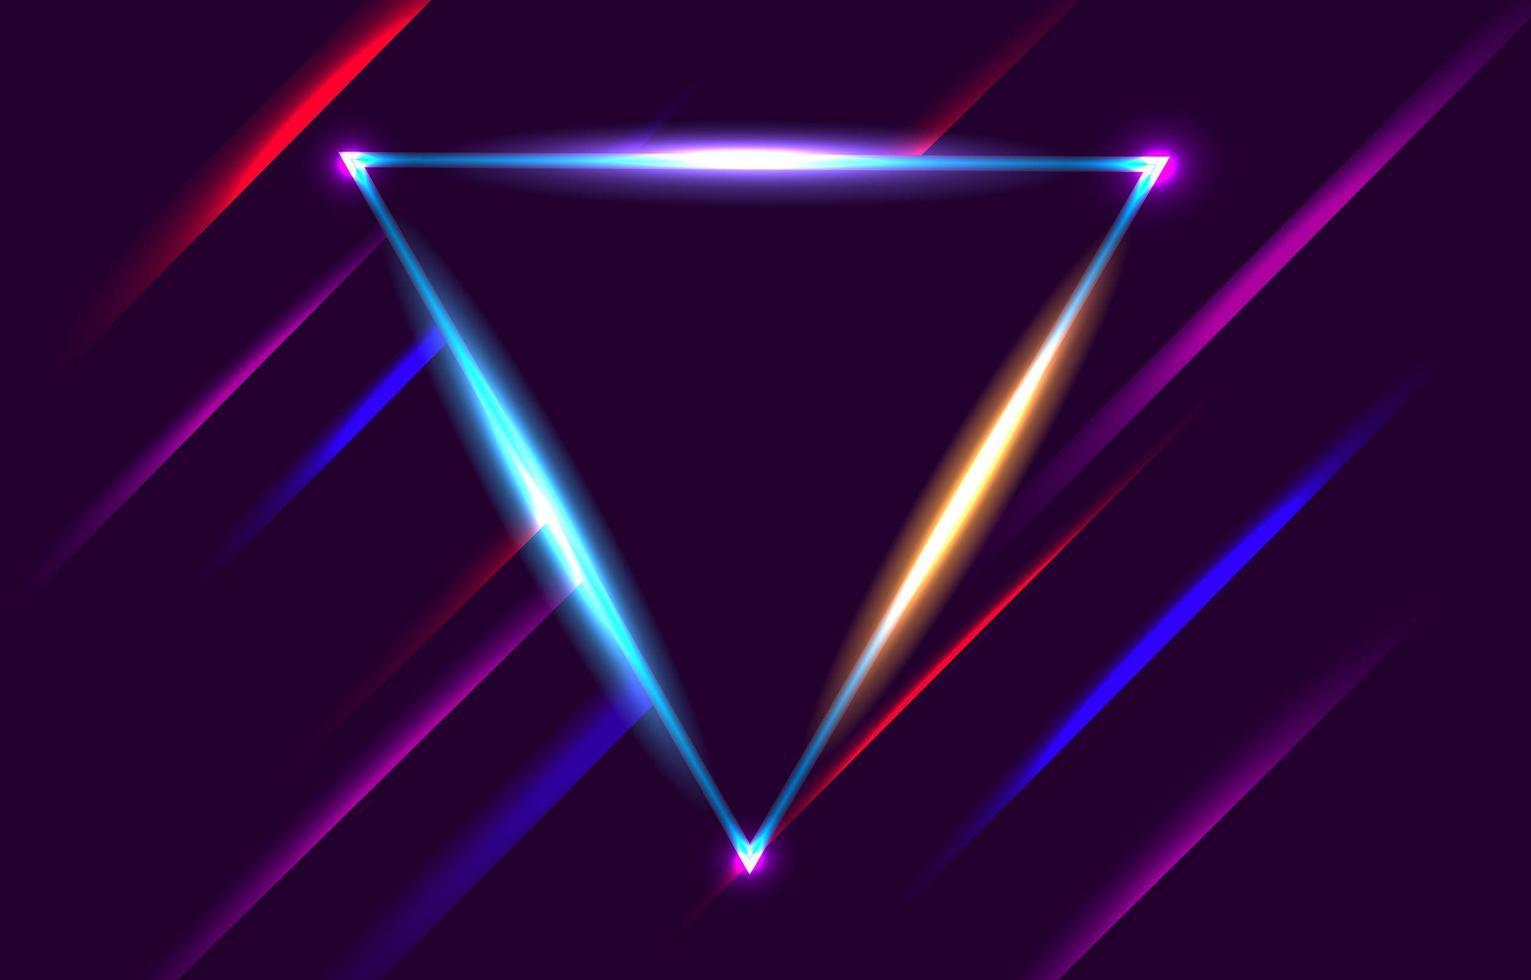 Dreieck Neon Rahmen Hintergrund vektor